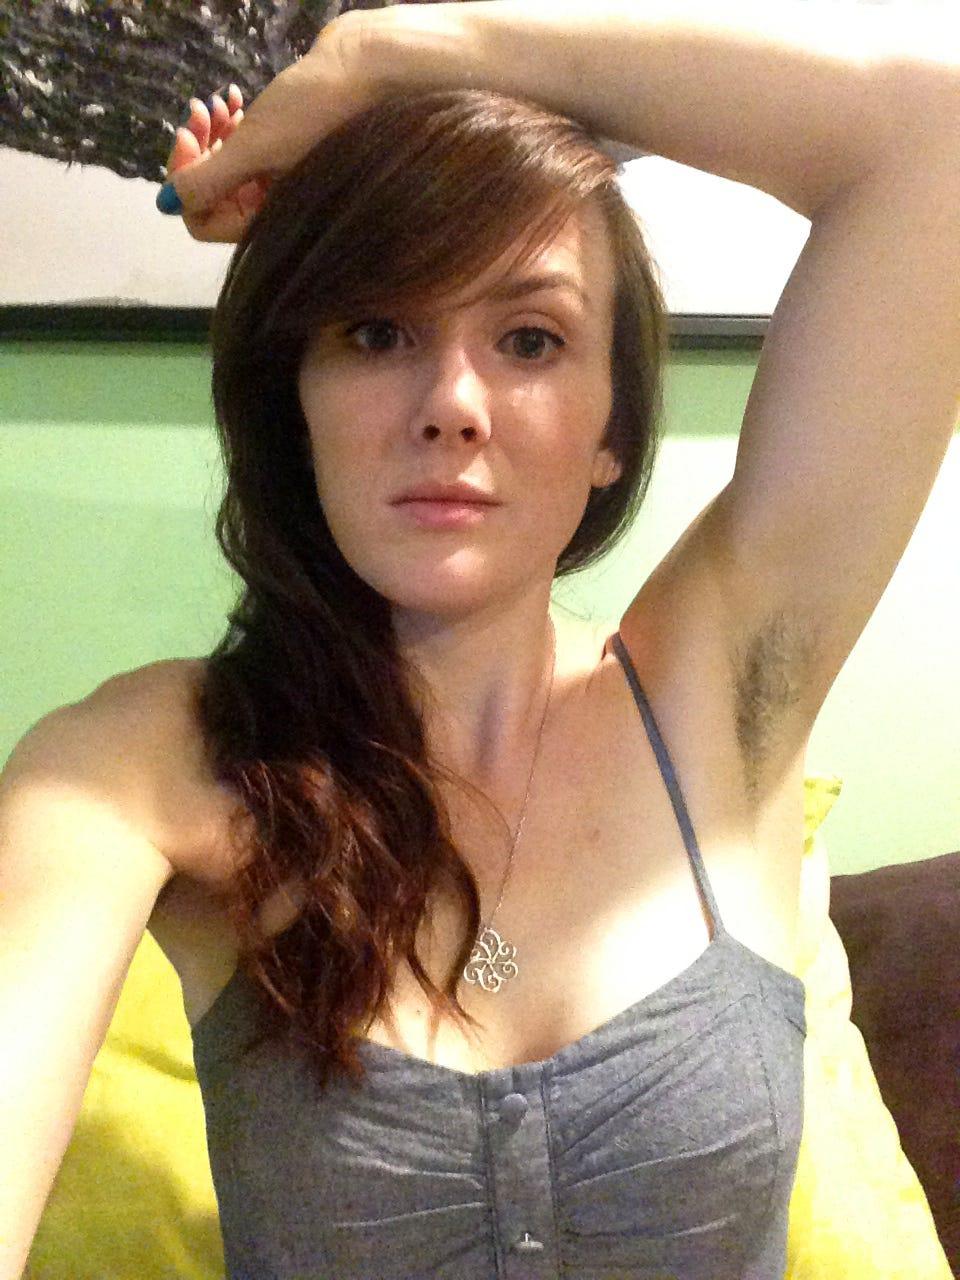 Arissa real world nude